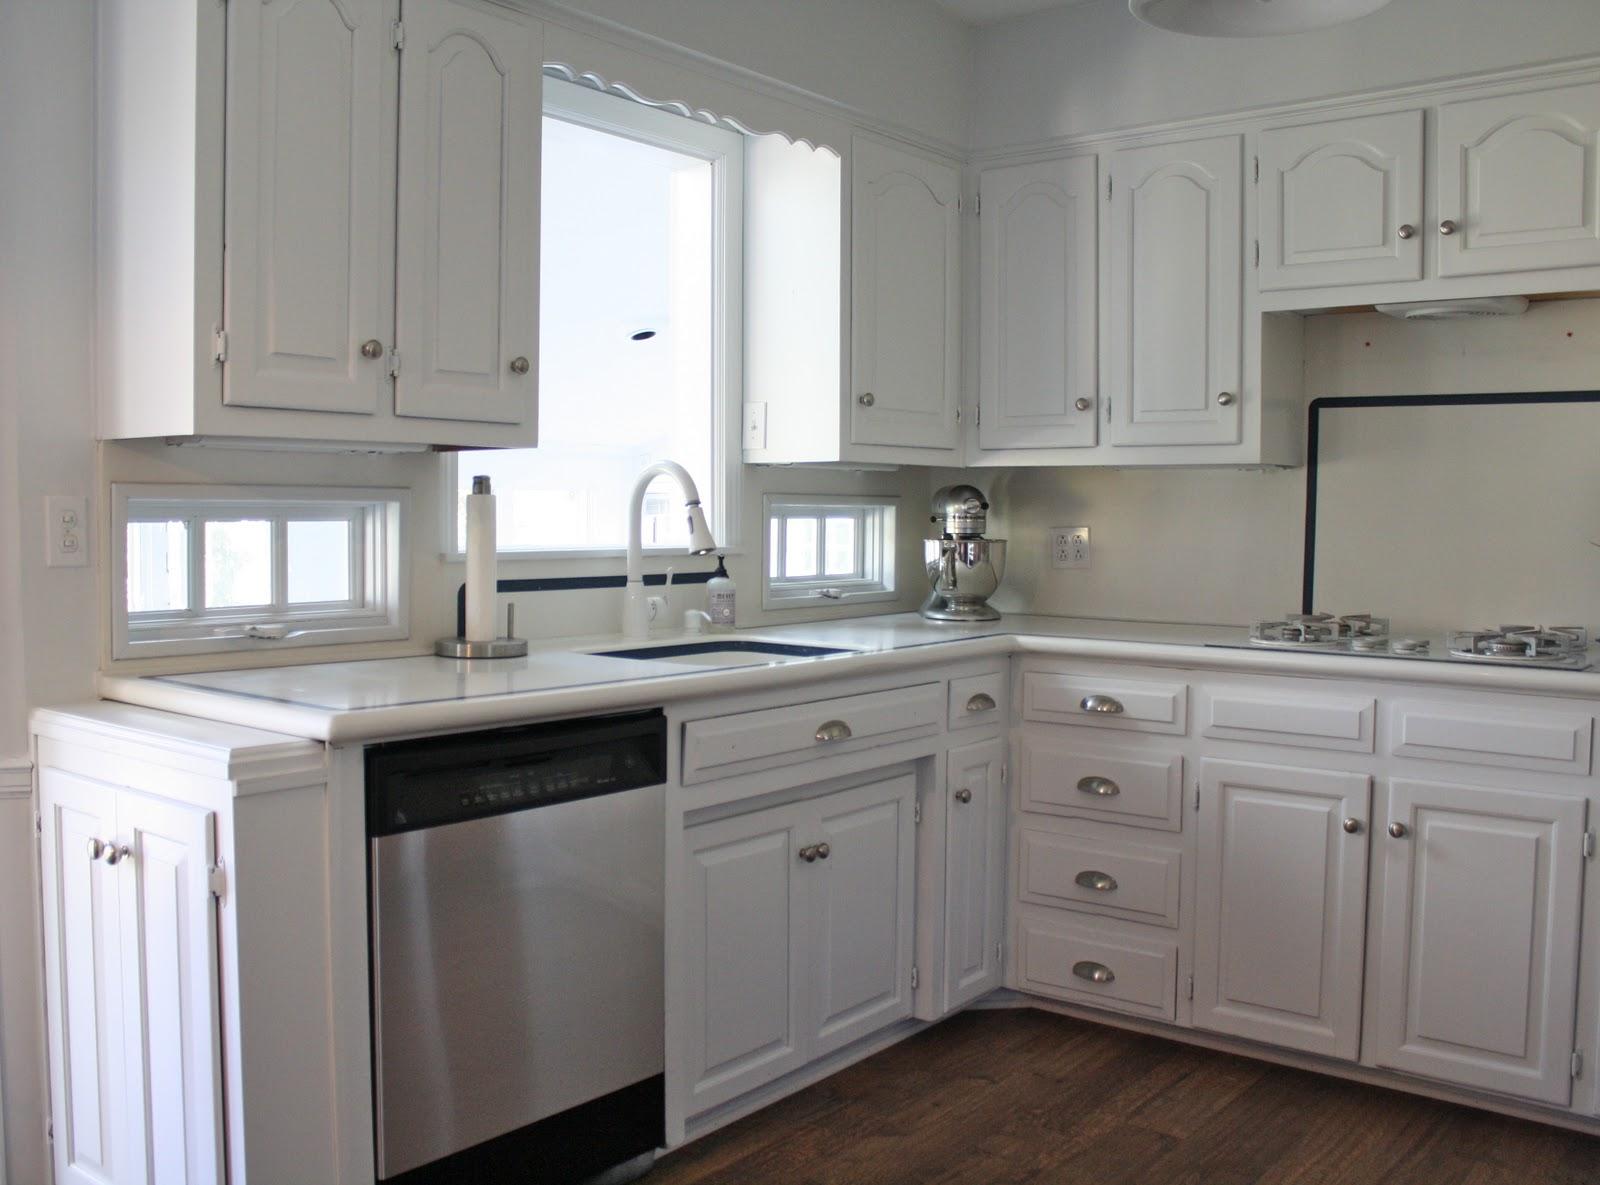 Kitchen Updates - Julie Blanner entertaining & home design that ...